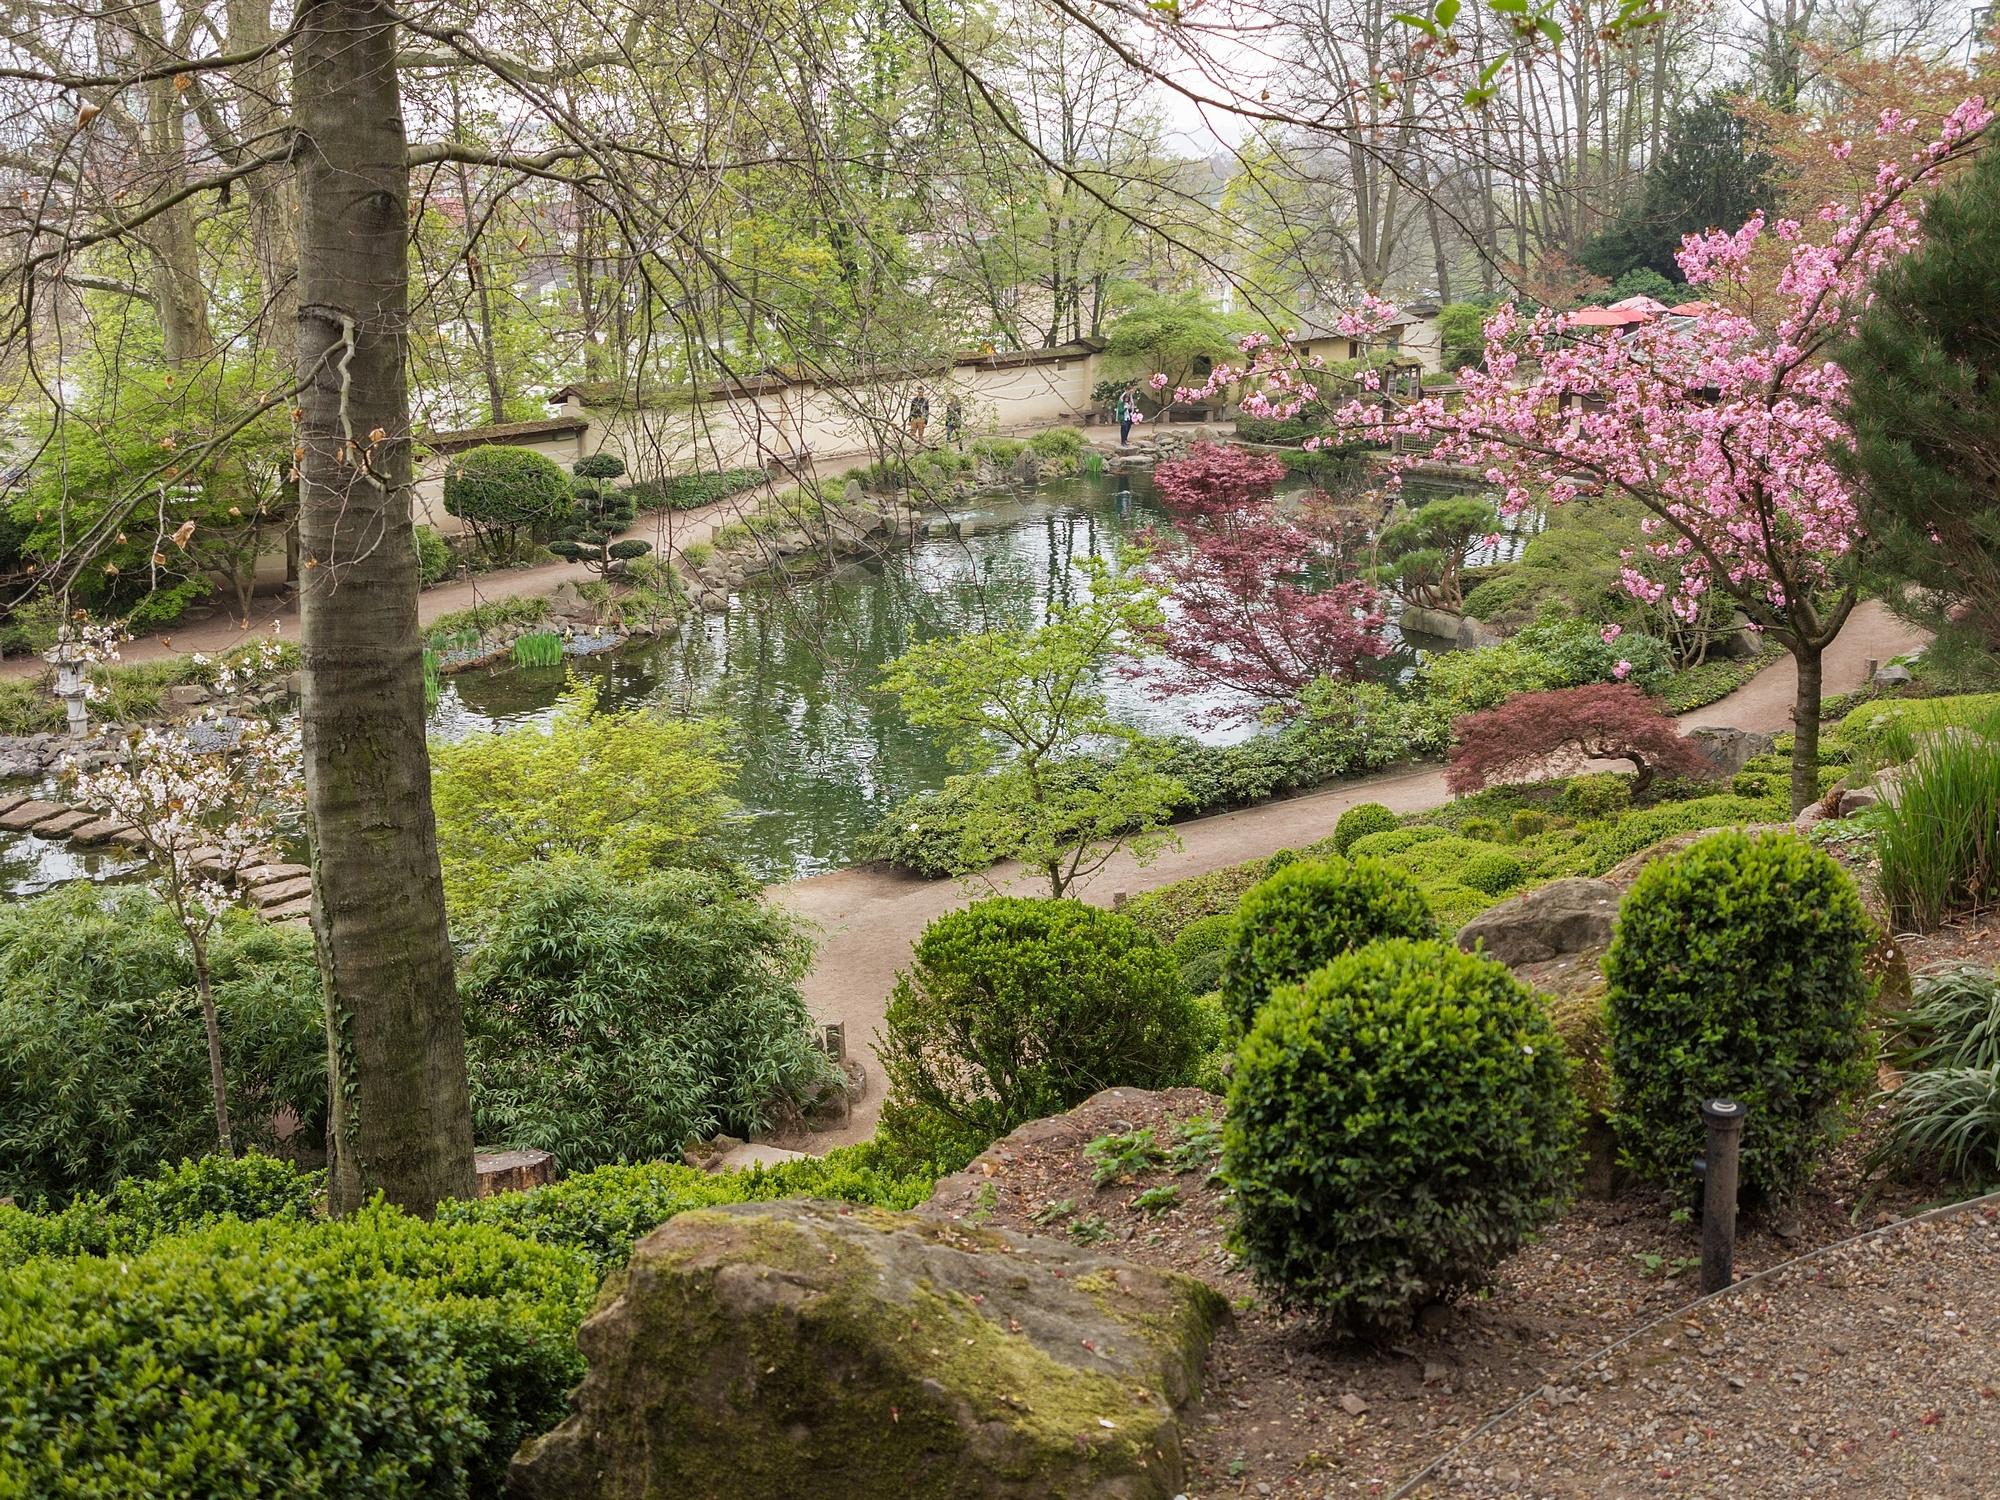 Garten teich panoramio photo of garten teich schwimmteich for Teich garten